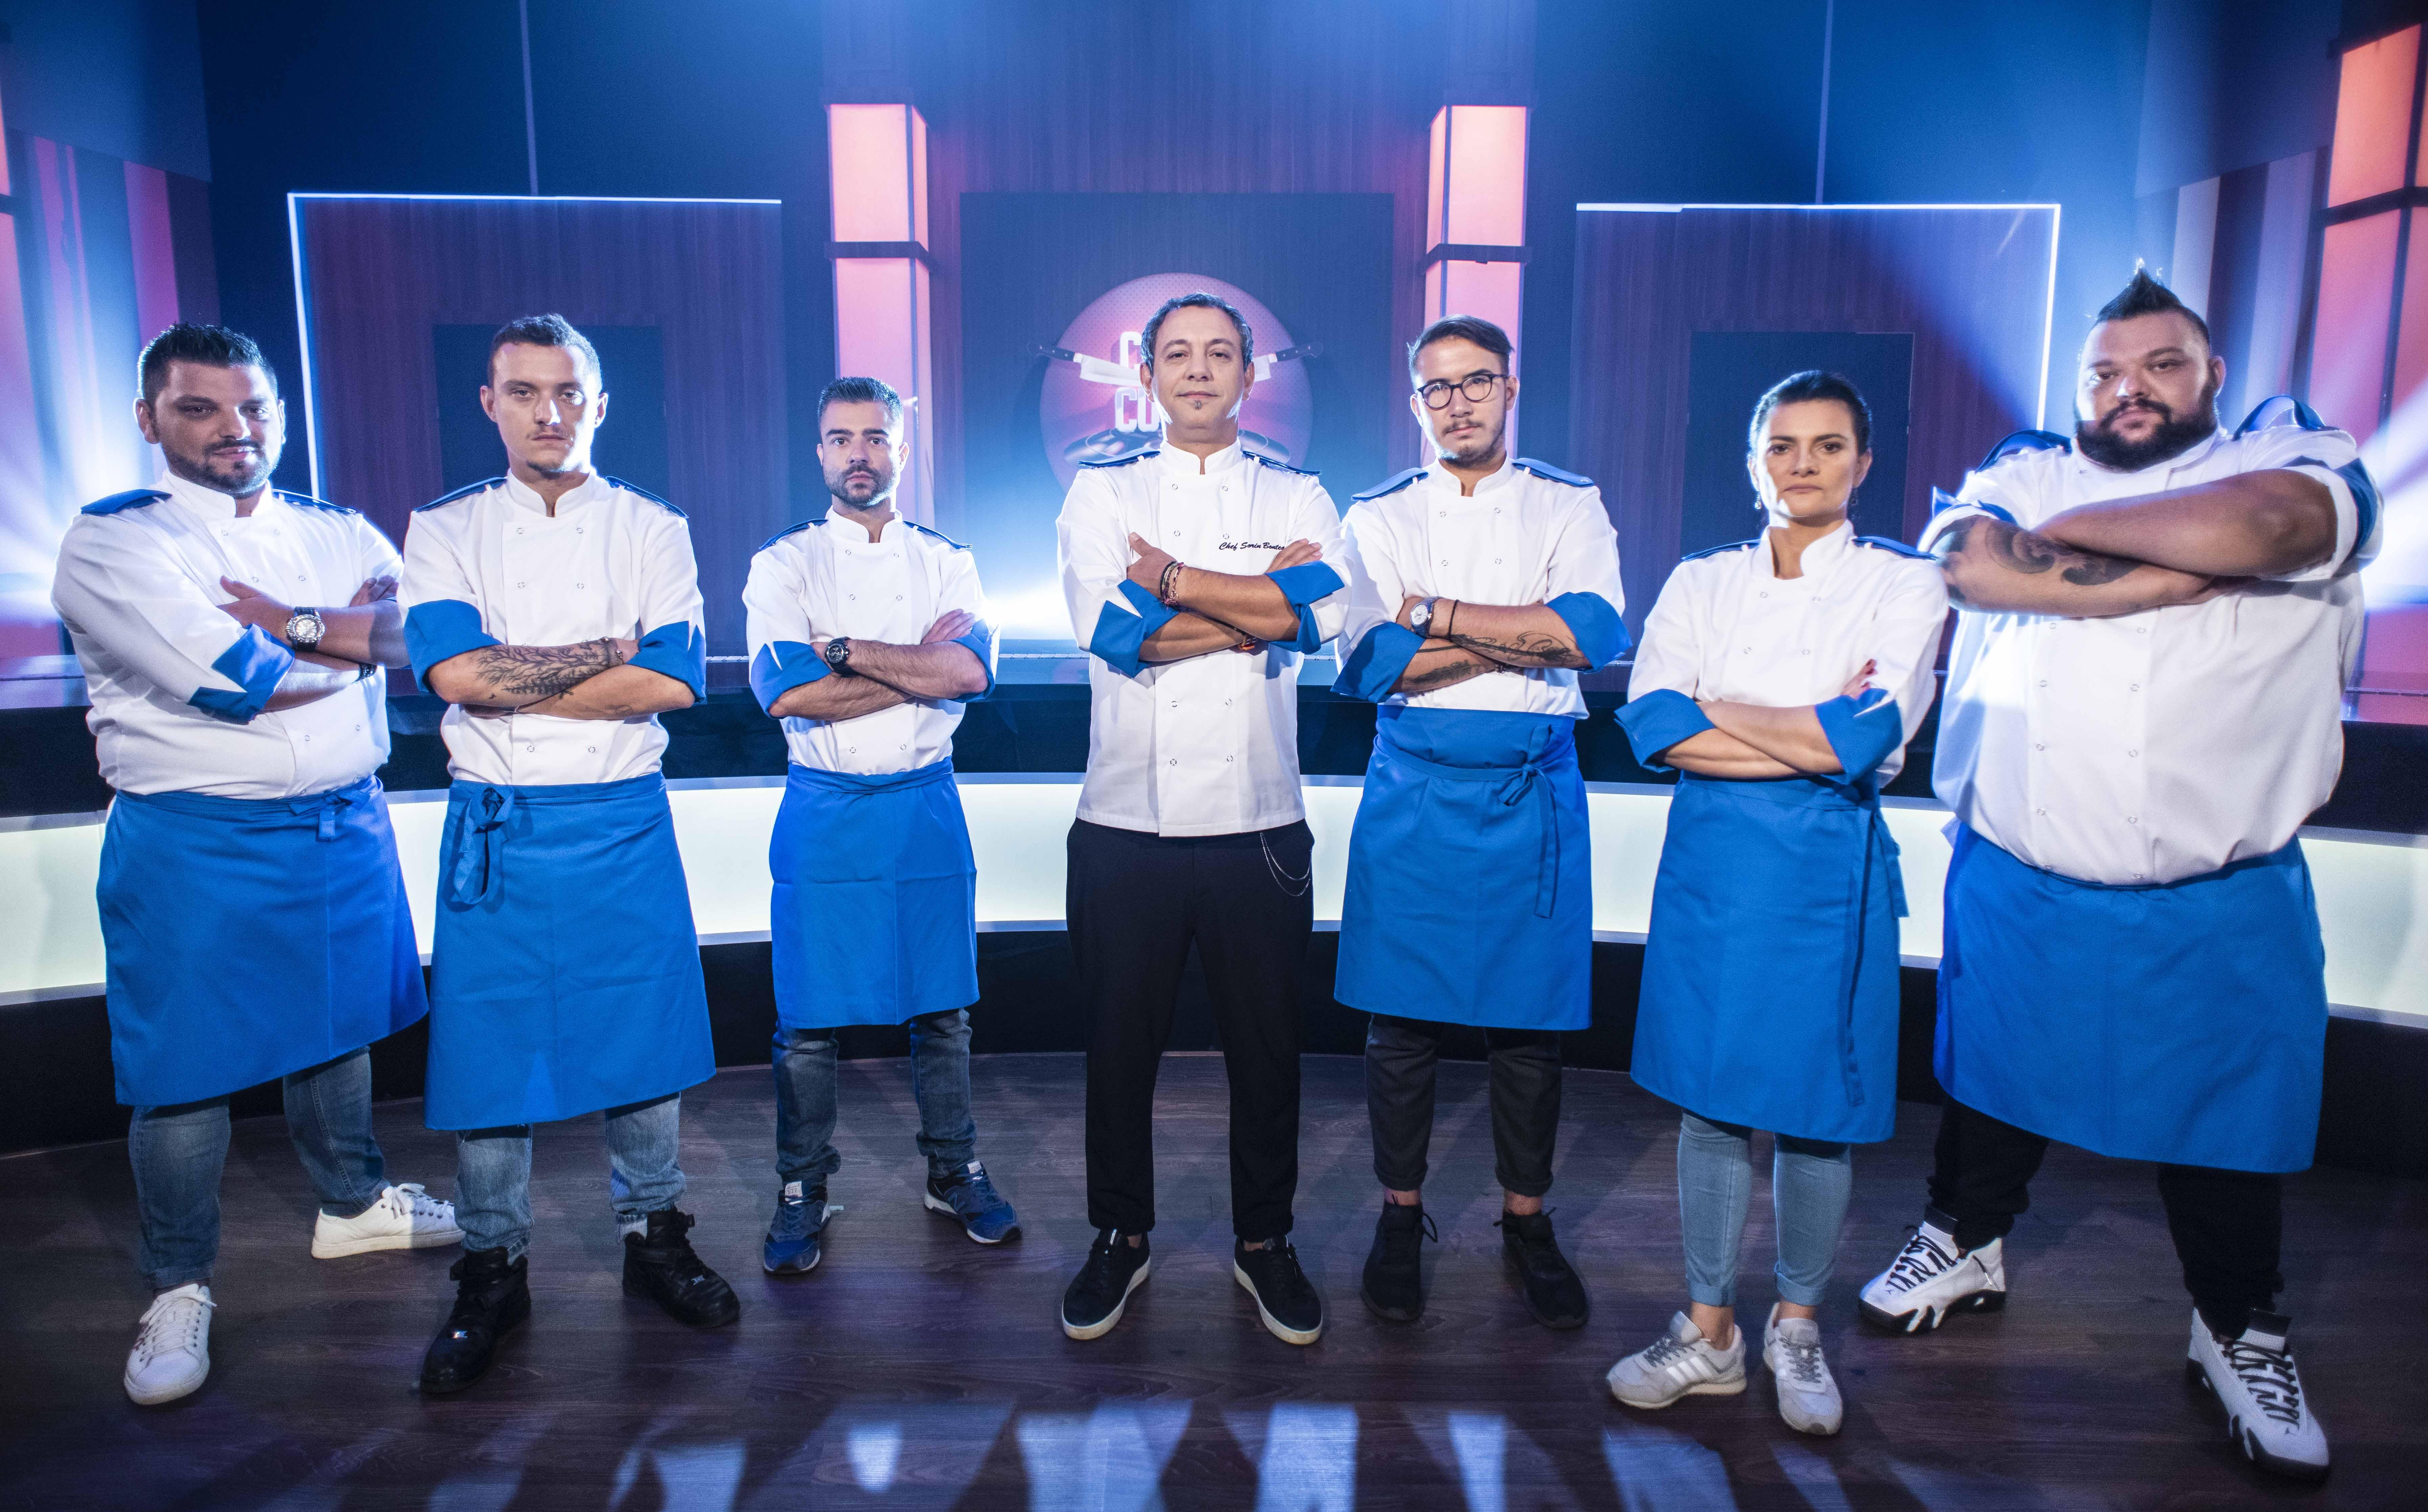 Chef Bontea și-a ales echipa albastră! Cine sunt bucătarii cu care pornește la luptă: